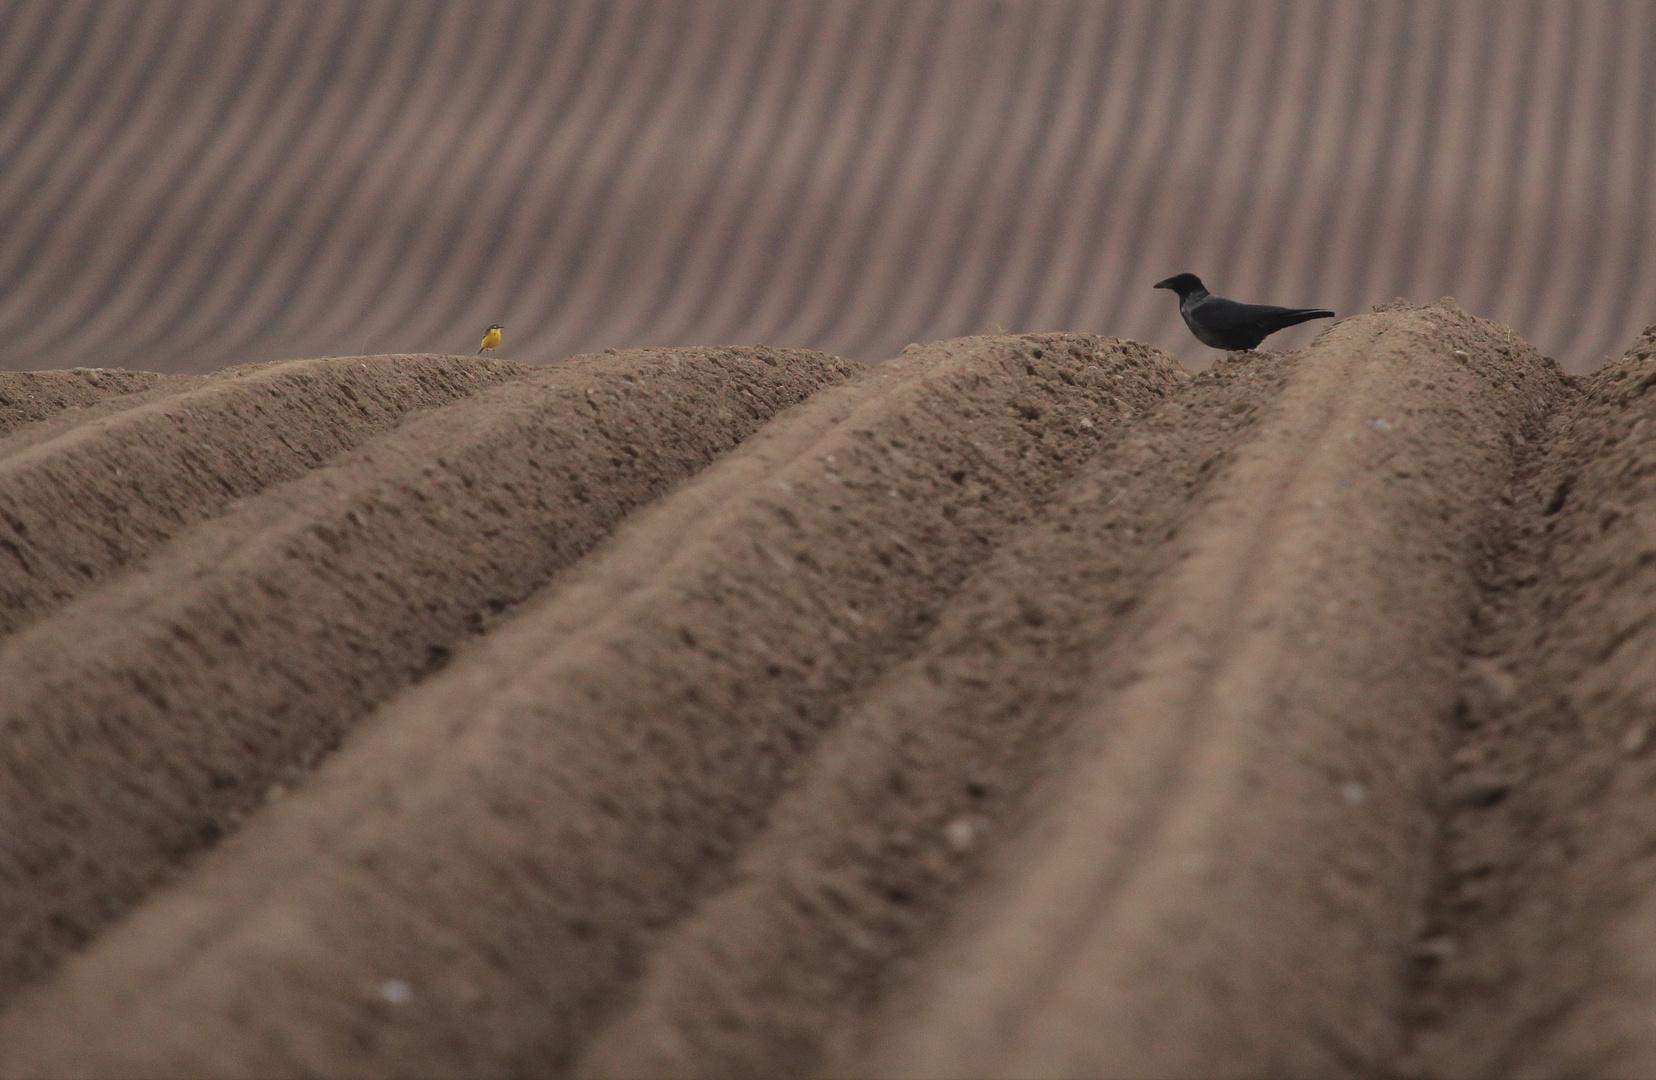 unvorhergesehenes Treffen in der Wüste